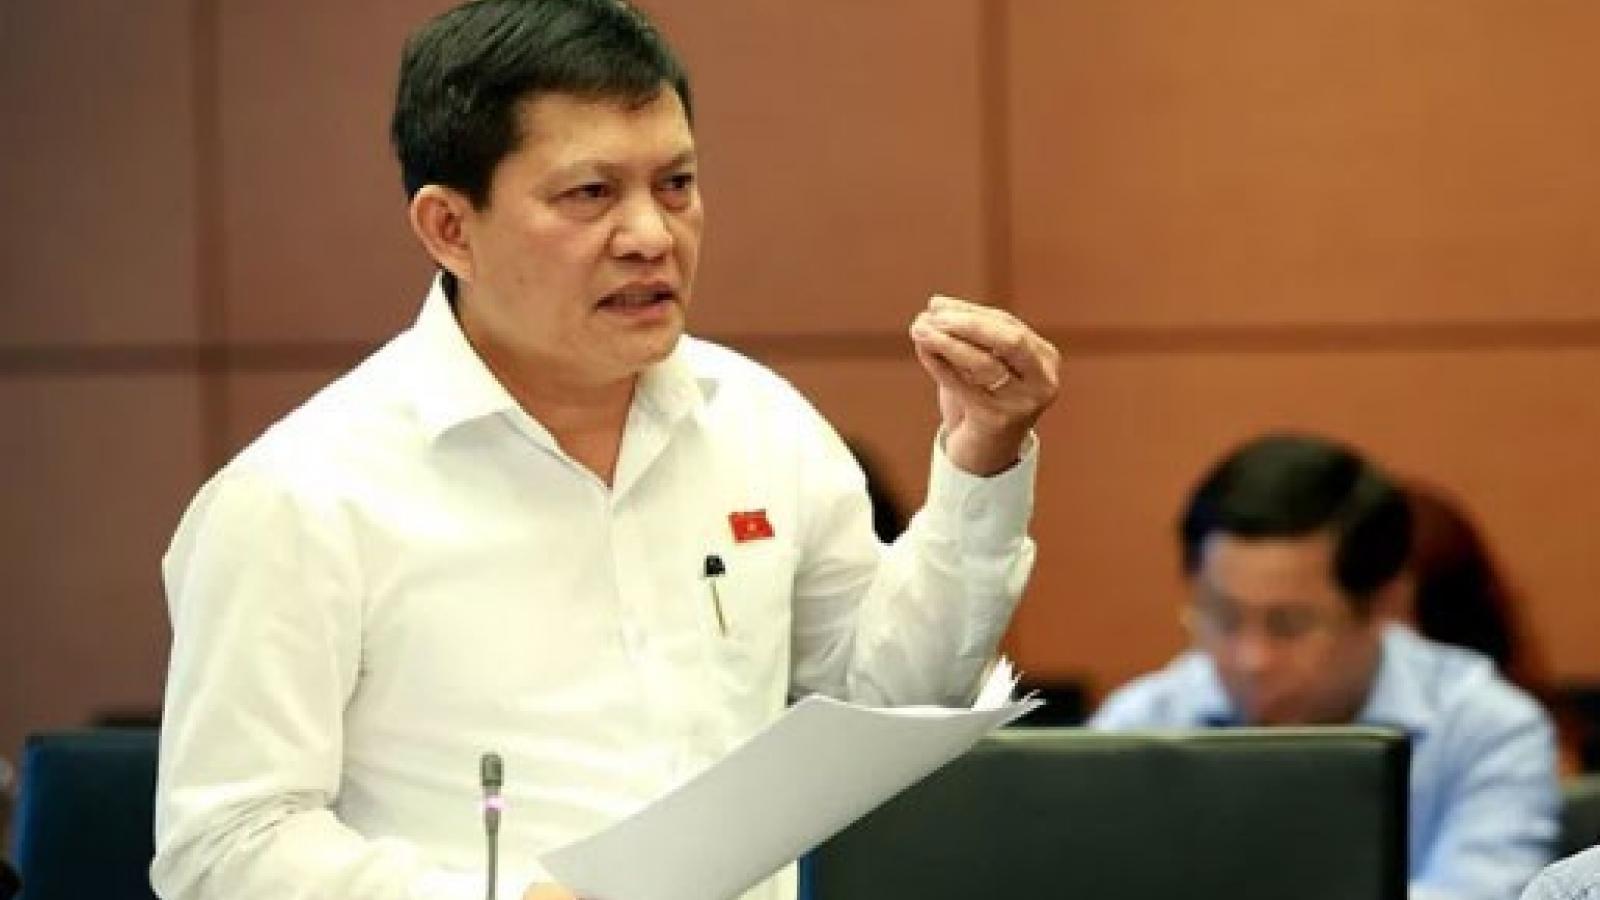 Lãnh đạo TPHCM nói về bài học từ vụ việc ông Phạm Phú Quốc